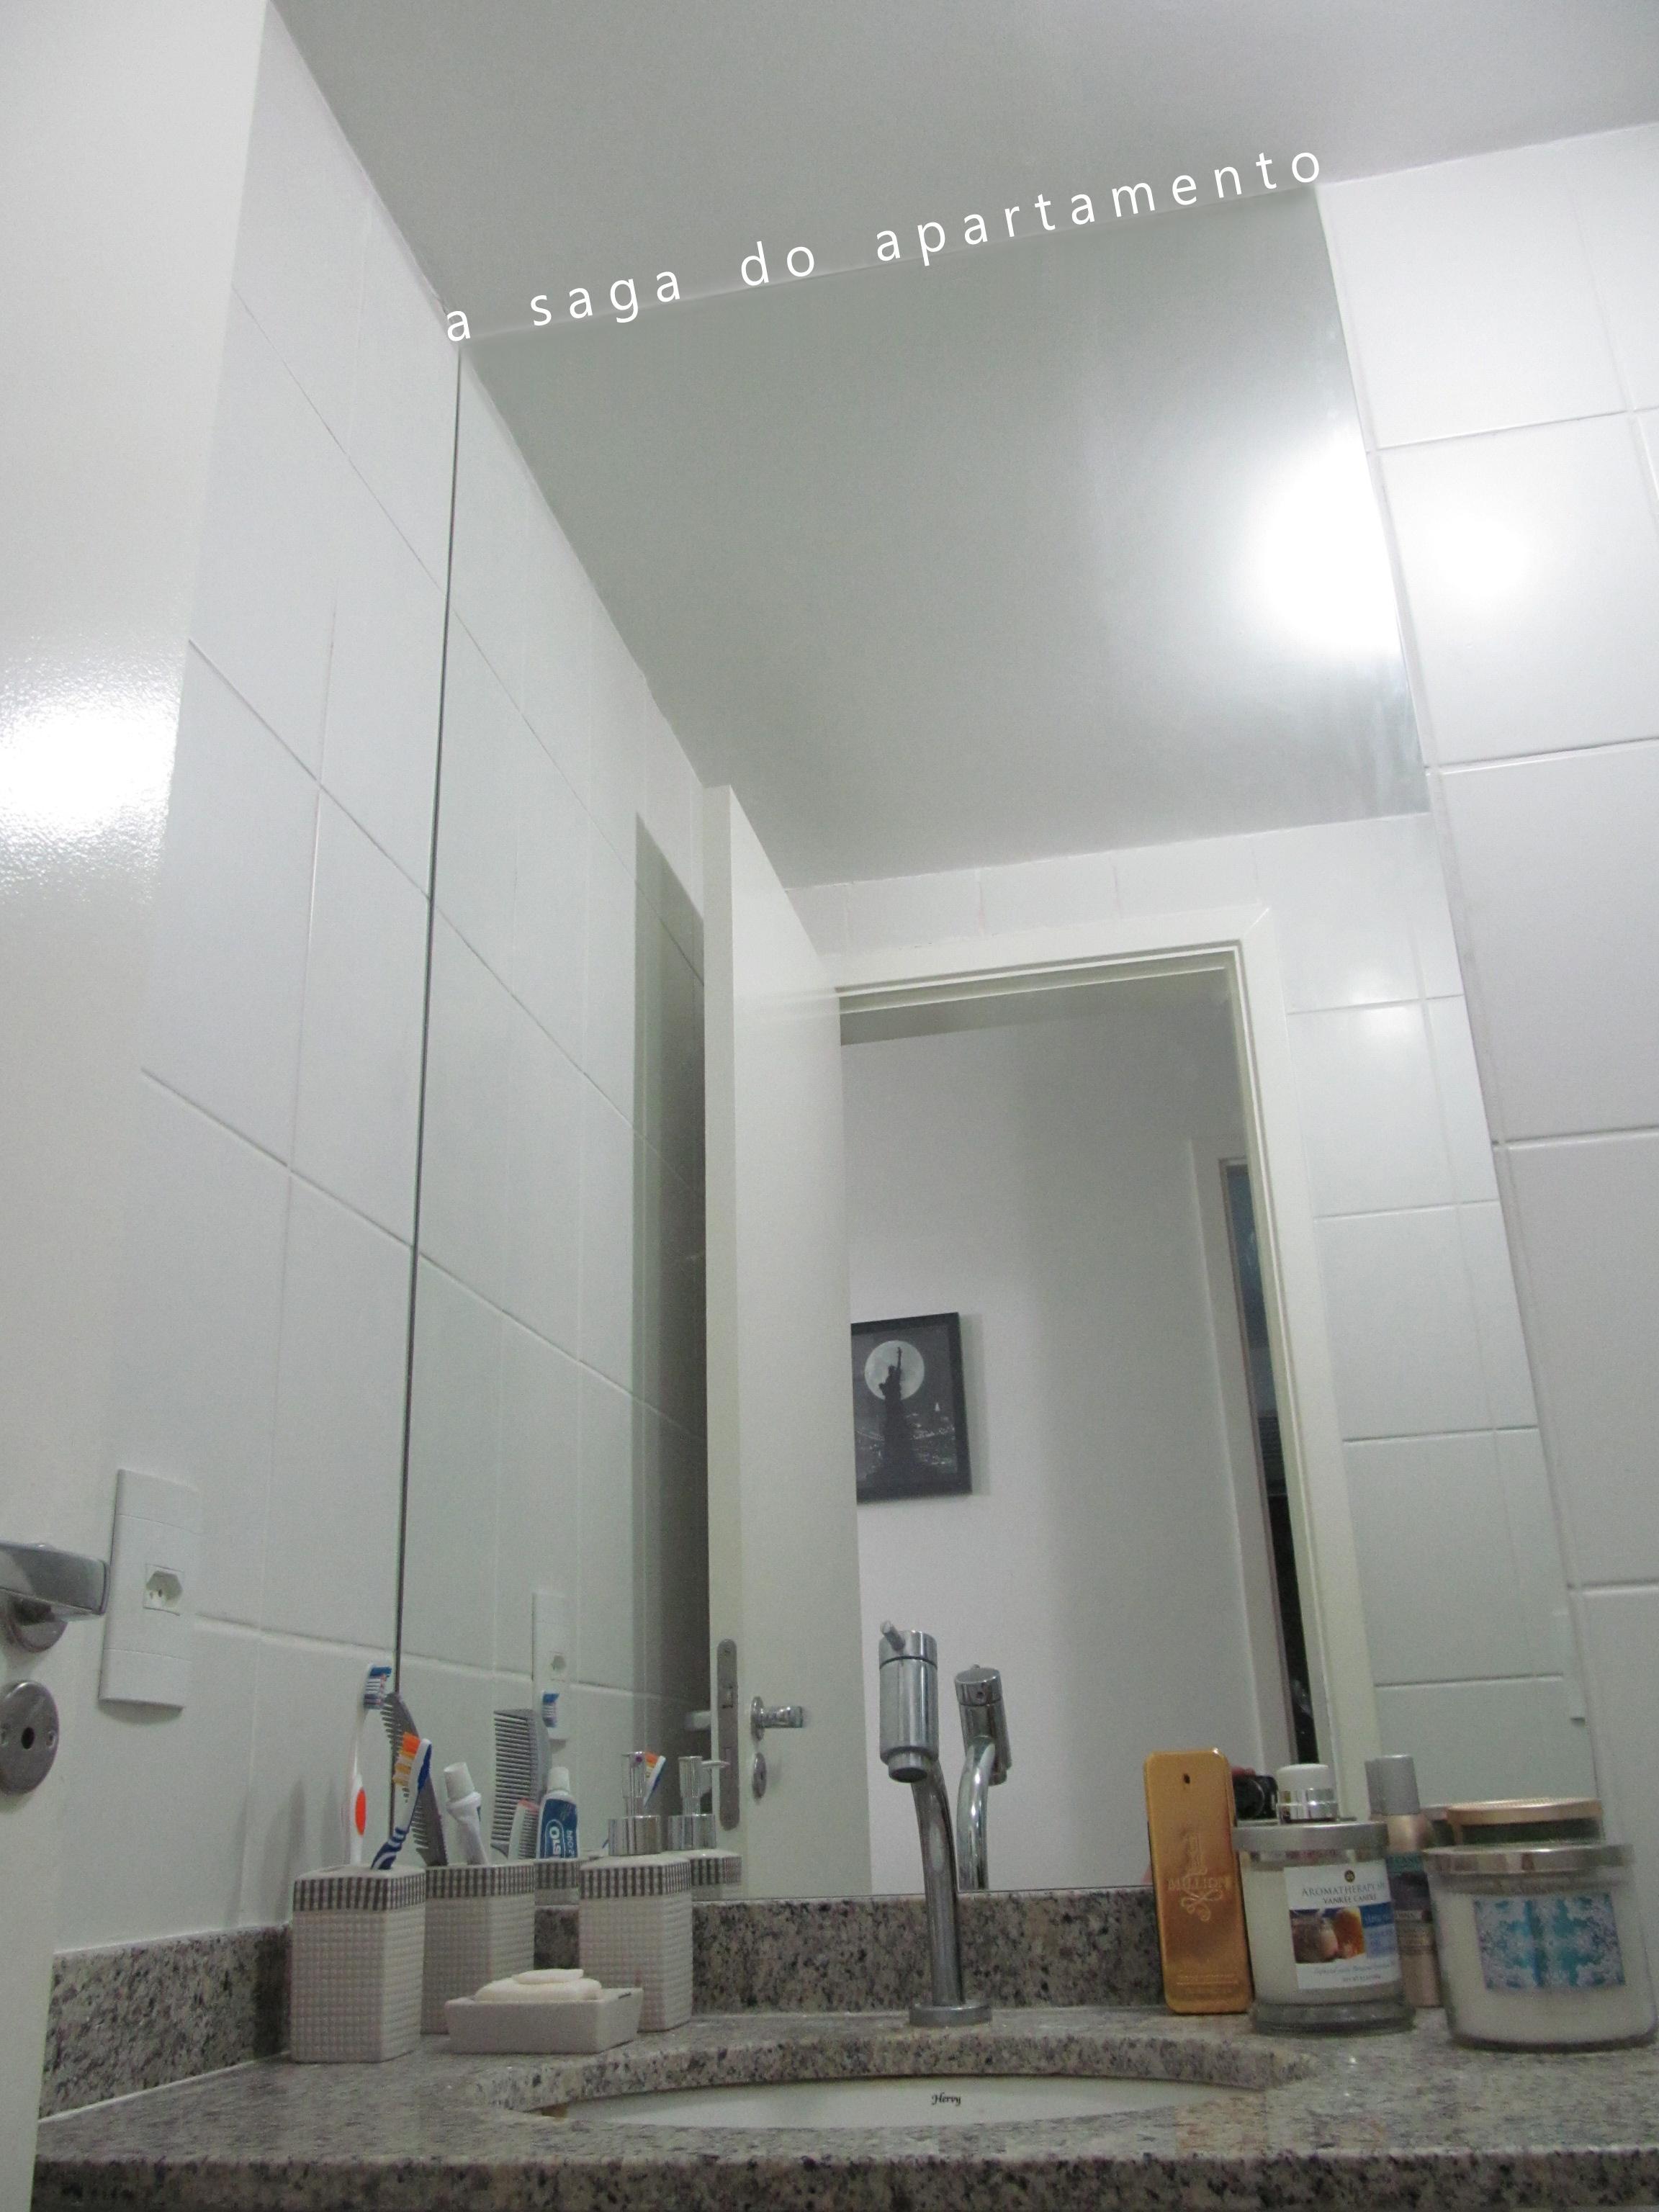 Banheiro: Quadros Espelho e Metais a saga do apartamento #5F4D3E 2304 3072